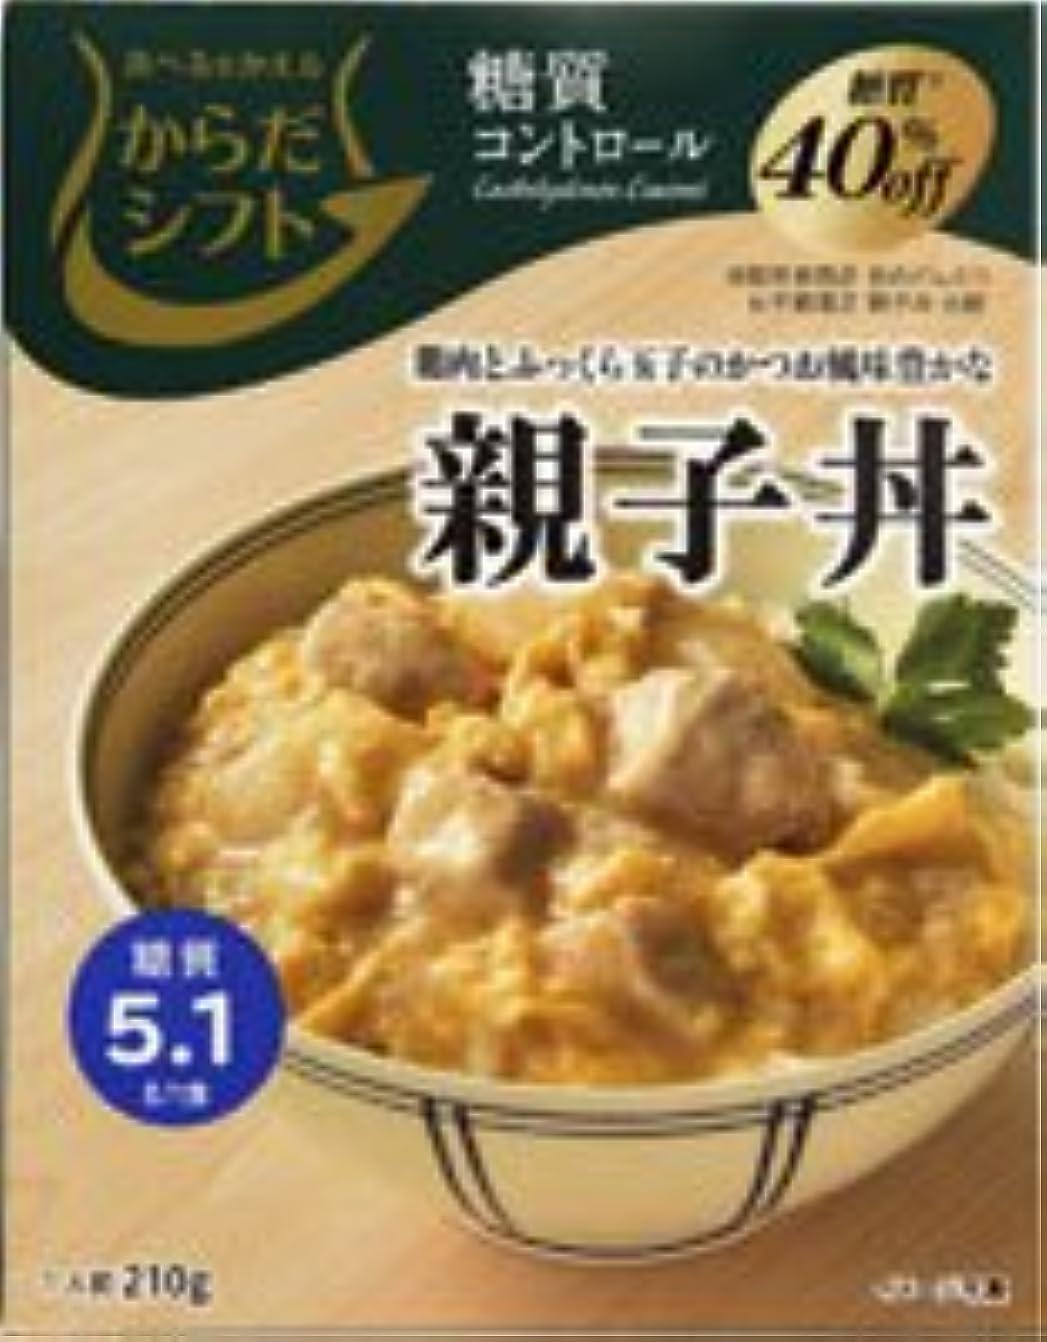 アマゾンジャングル堀バルクからだシフト 糖質コントロール 親子丼210g【5個セット】